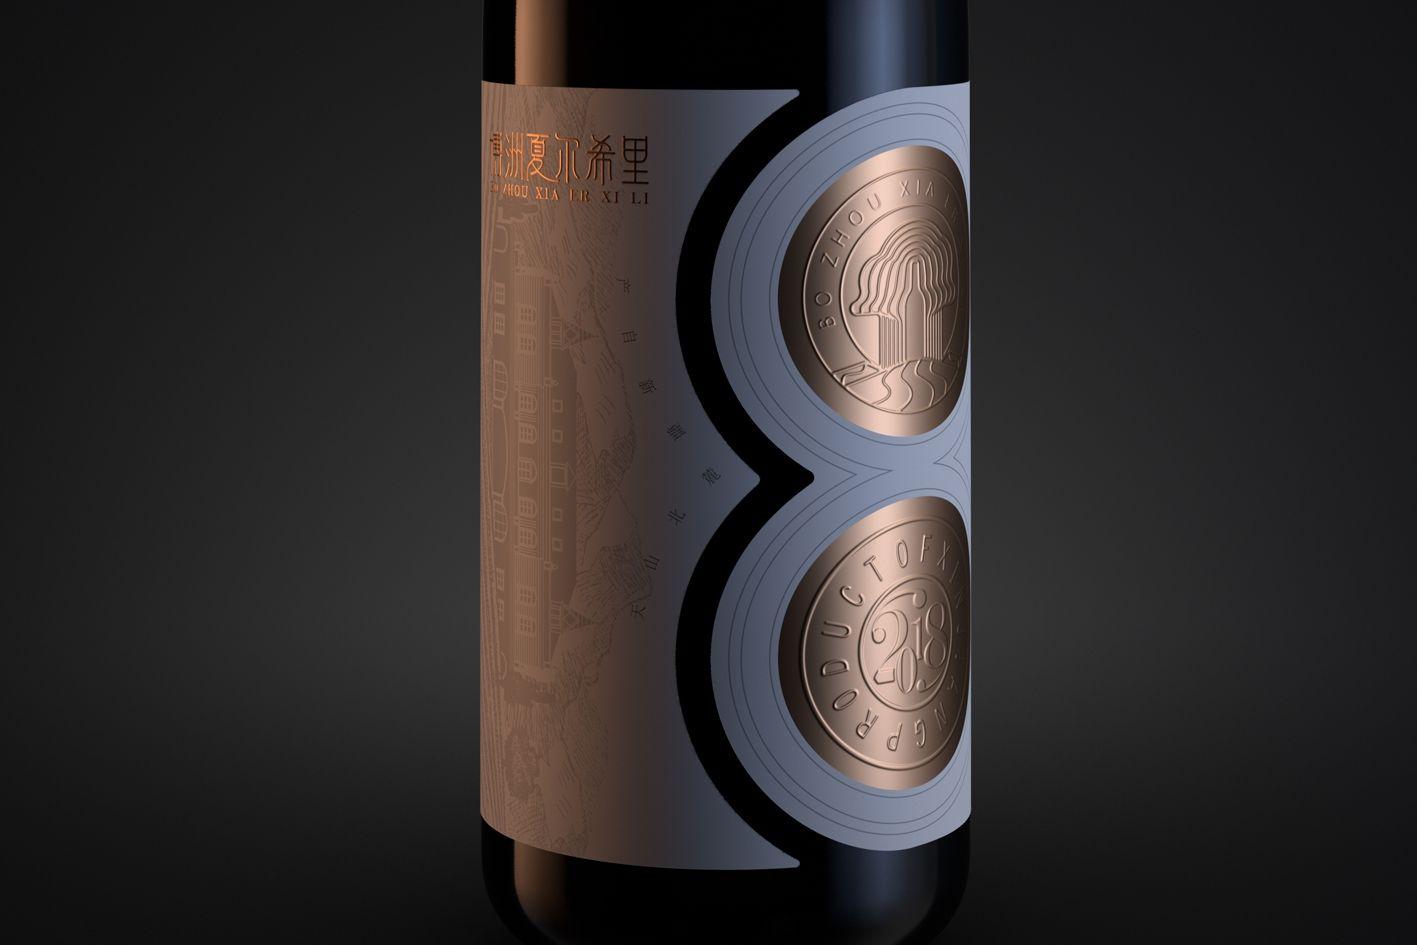 2018年份葡萄酒包装设计